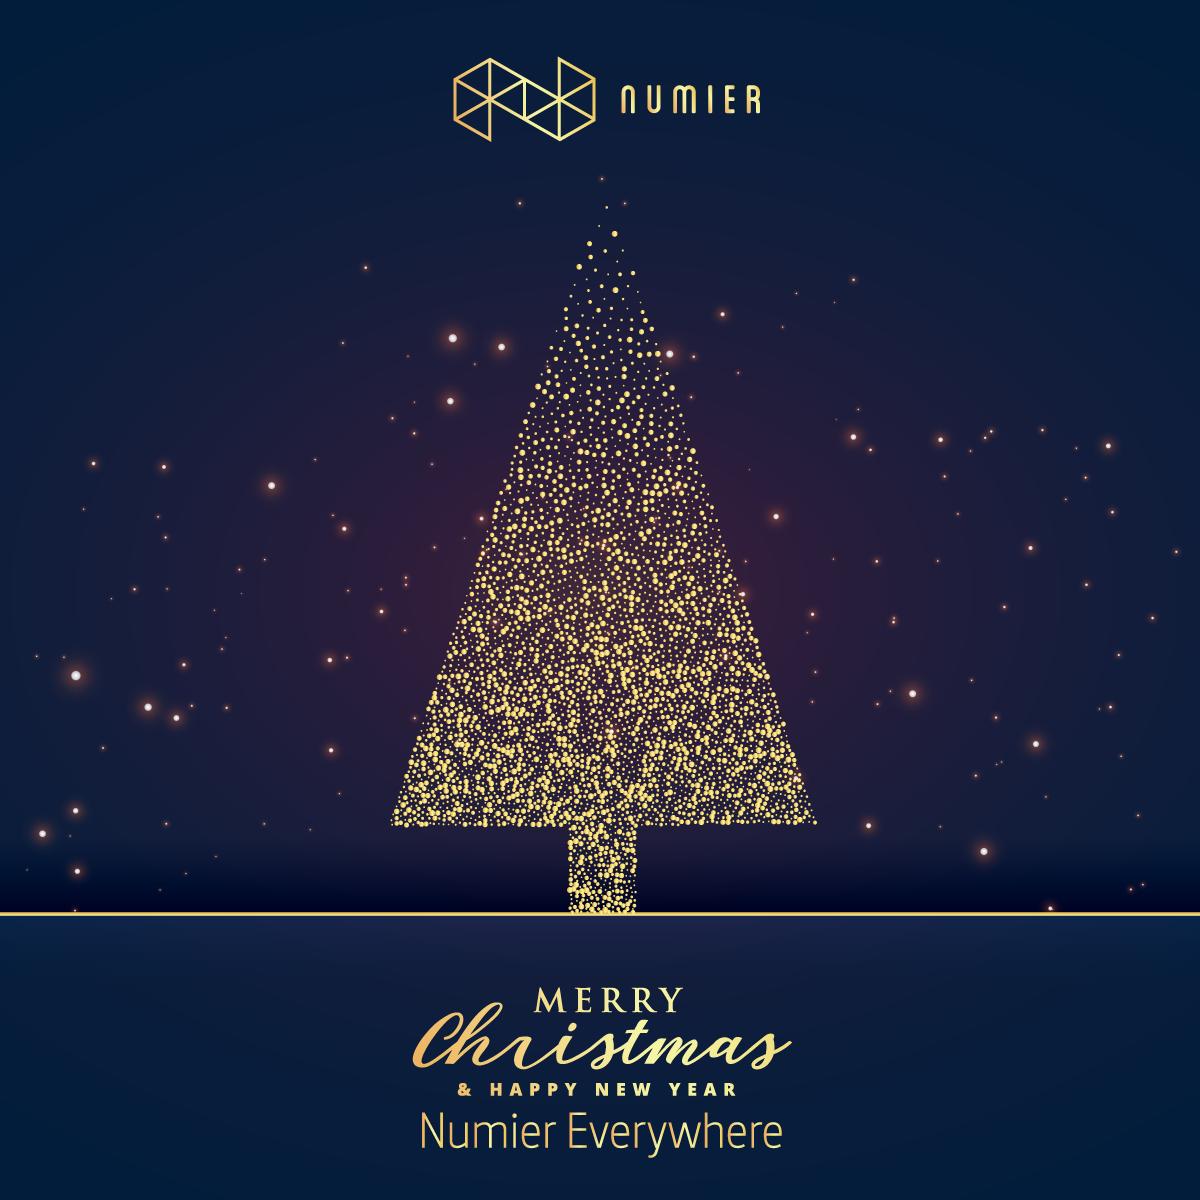 ¡Feliz navidad y Numier Everywhere!